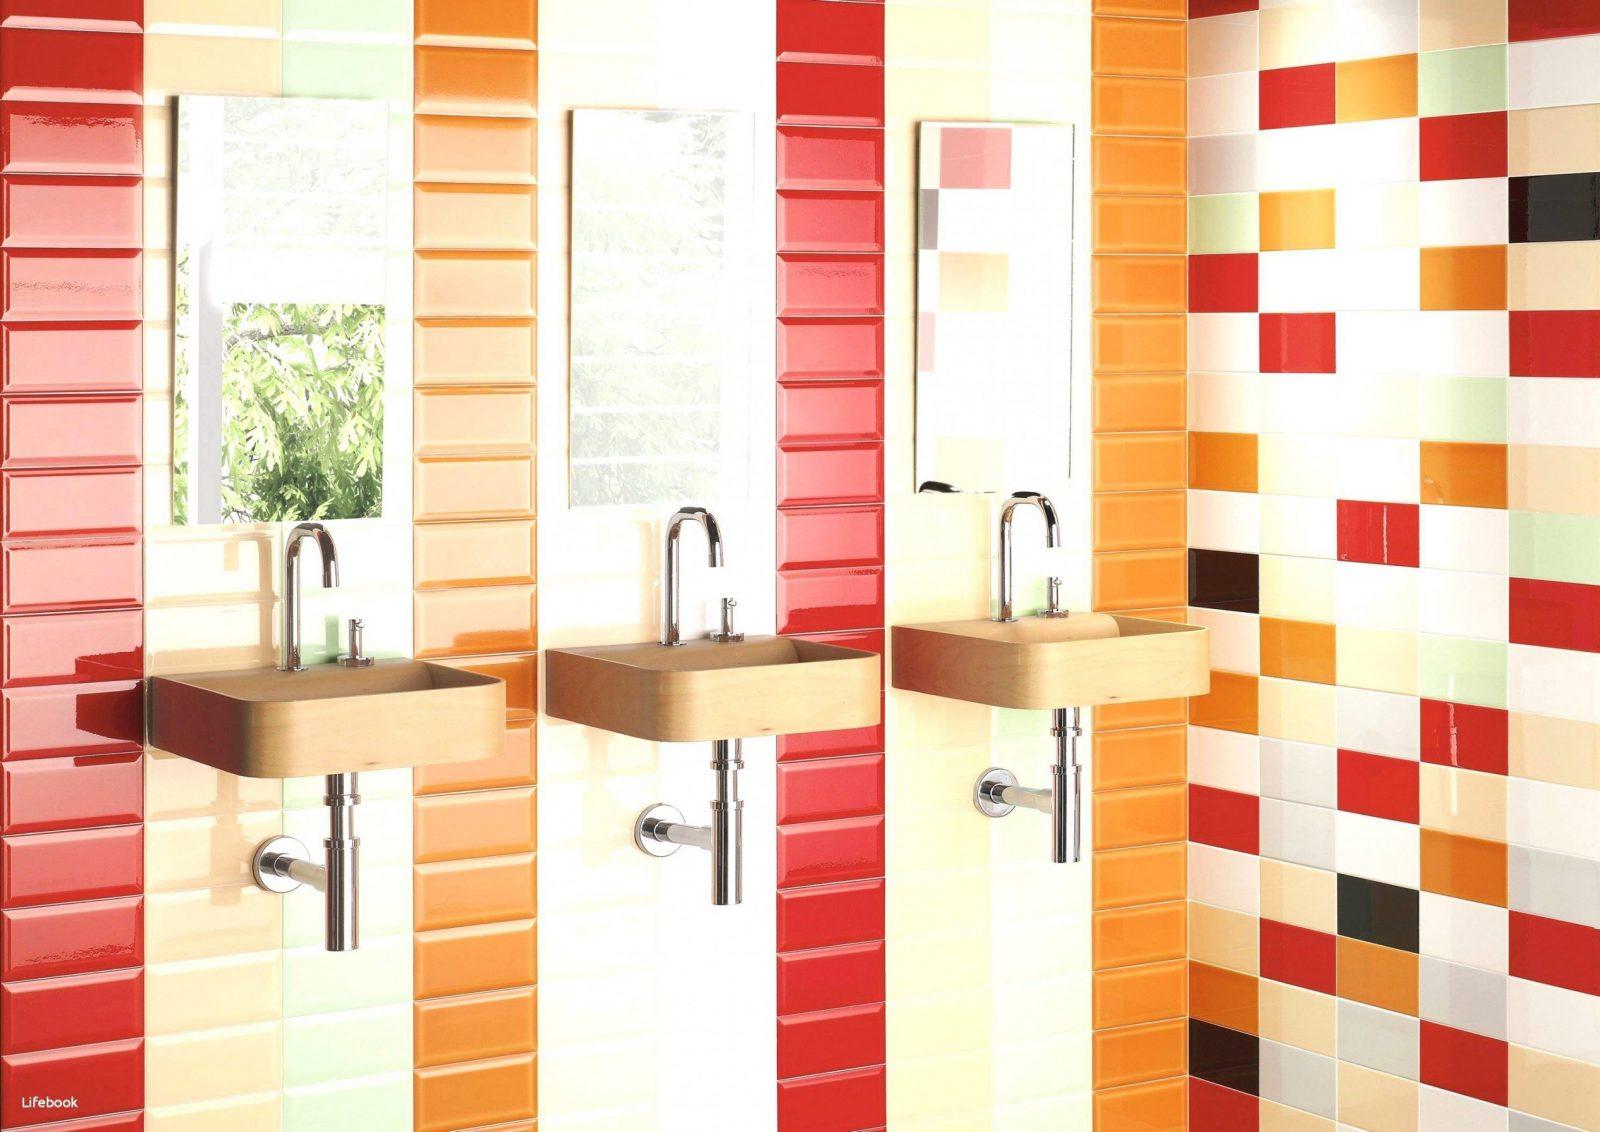 Luxus 32 Mosaik Fliesen Schneiden Ideen Wohnträume Verwirklichen Von von Mosaik Fliesen Schneiden Bild